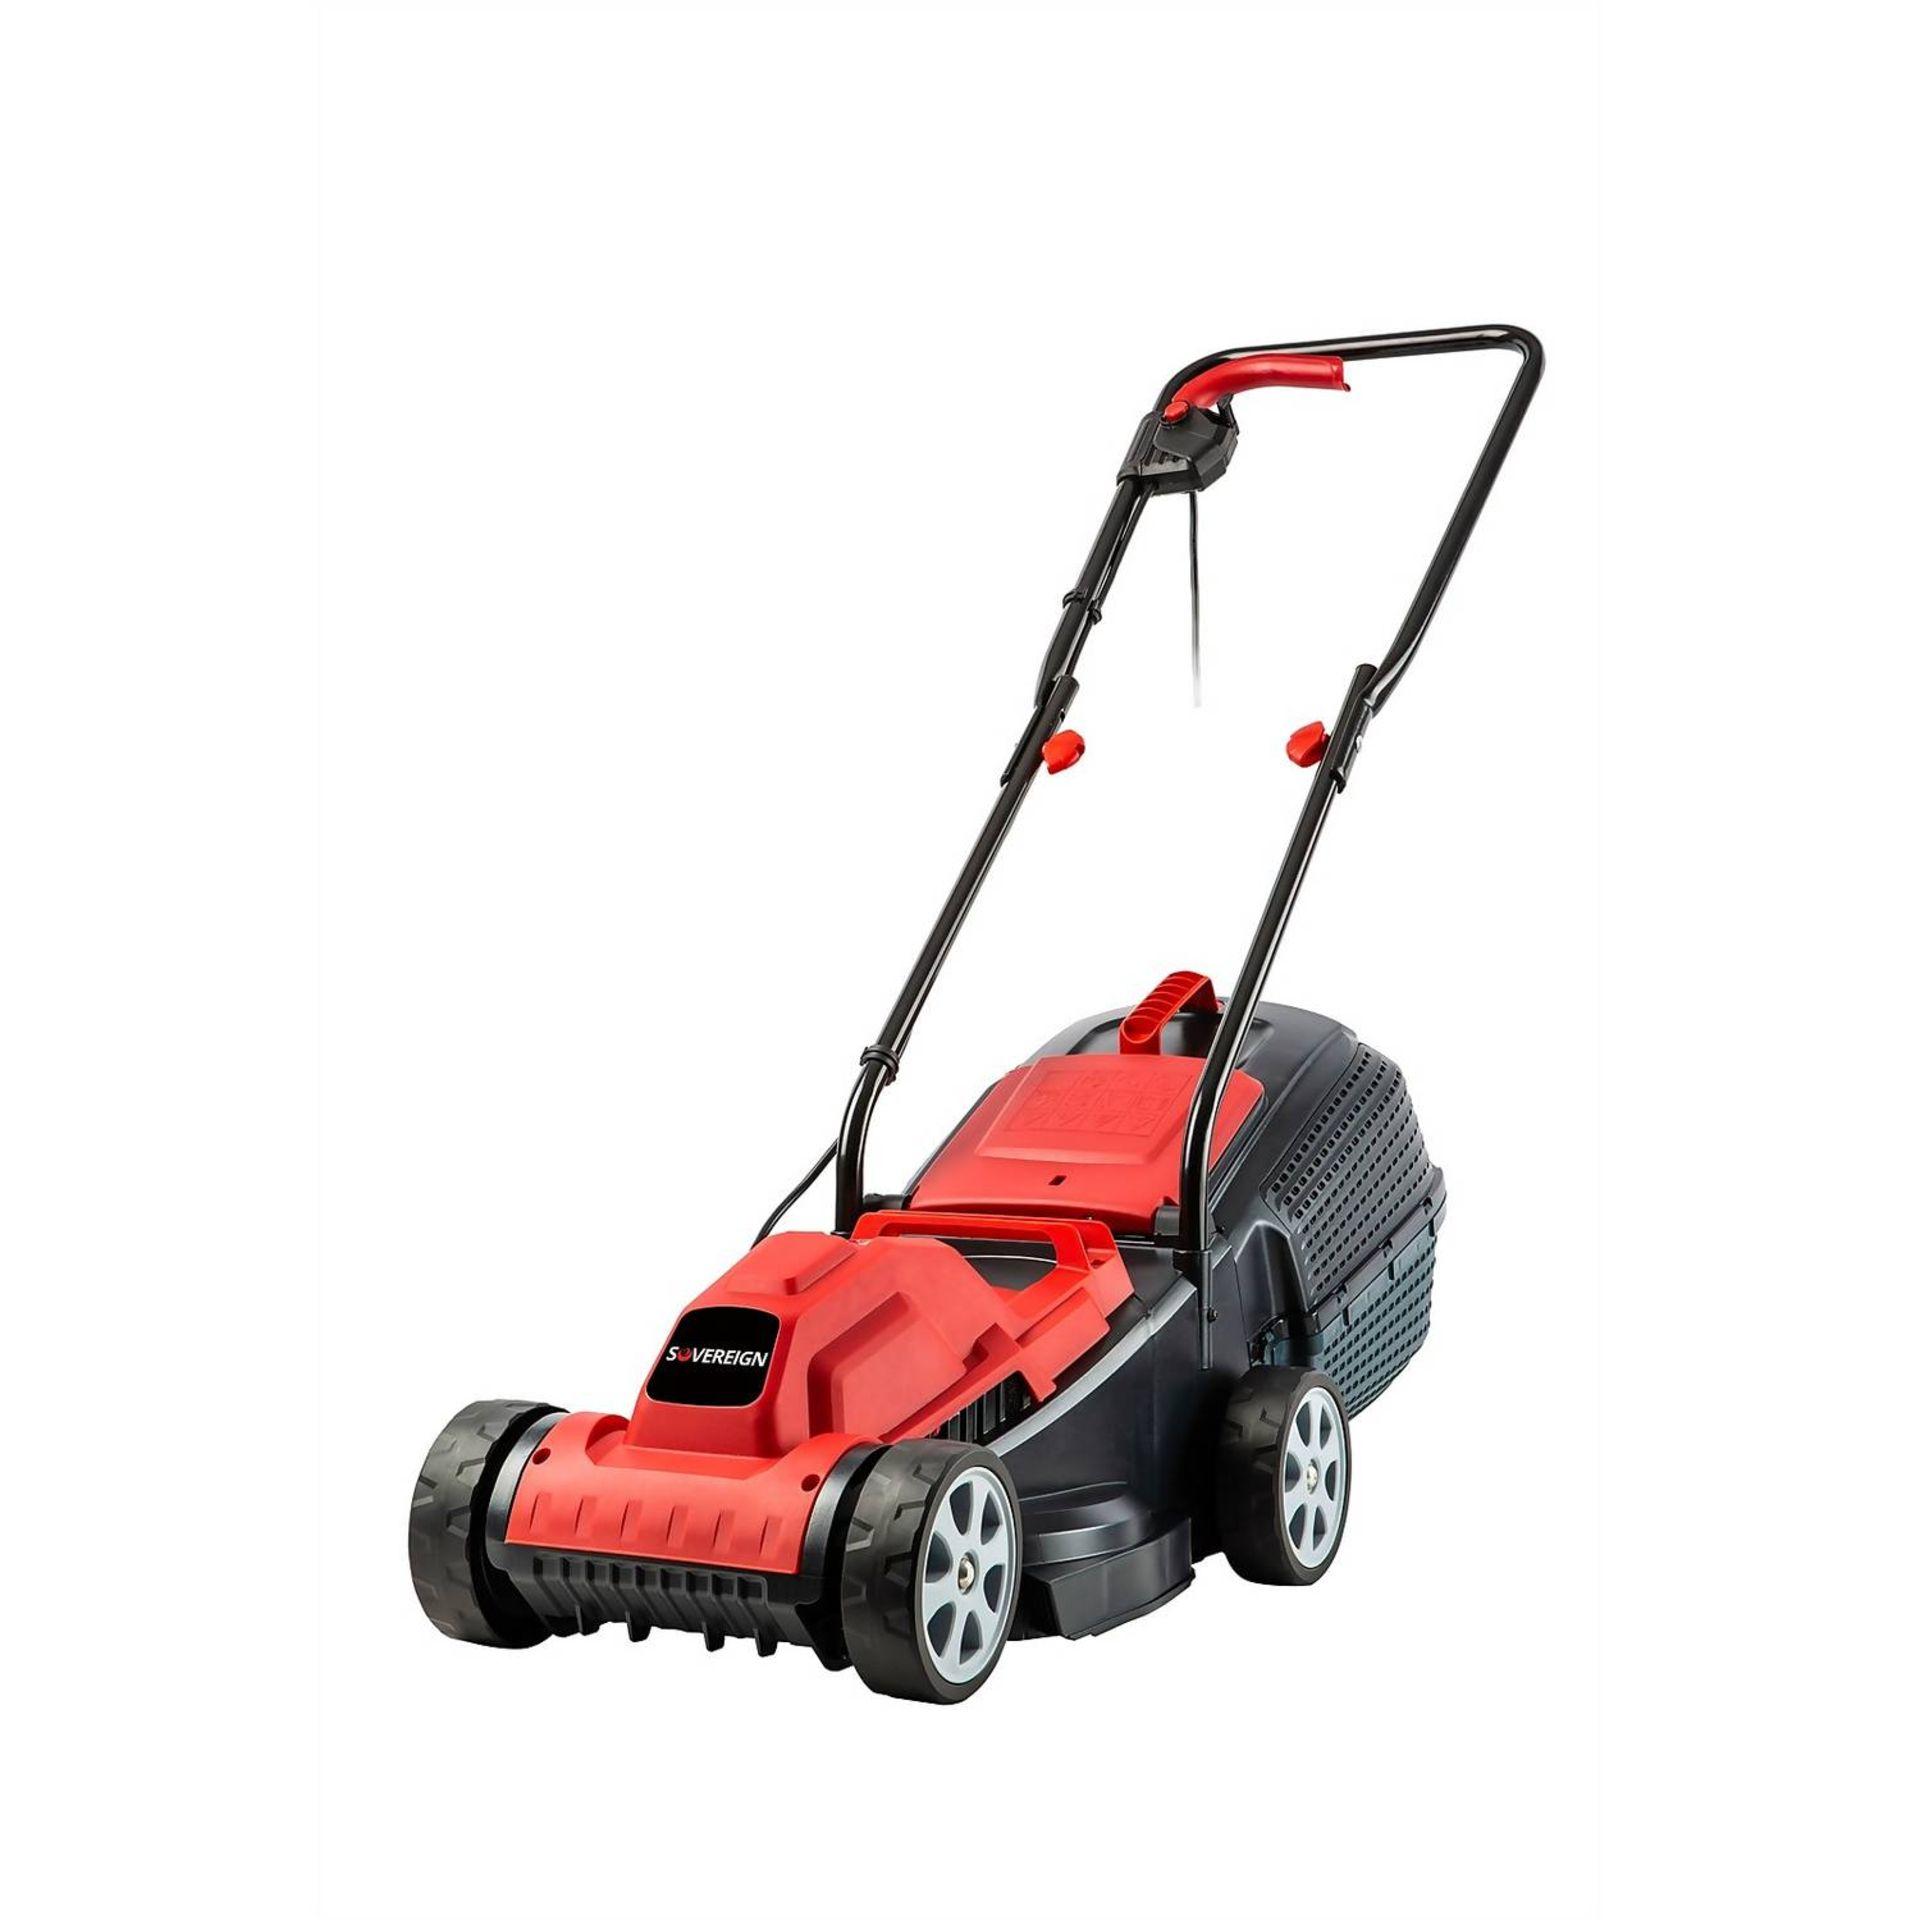 (P9) 2x Items. 1x Powerbase 32cm 1400W Electric Lawn Rake & Scarifier. 1x Sovereign 32cm 1200W Ele - Image 2 of 3